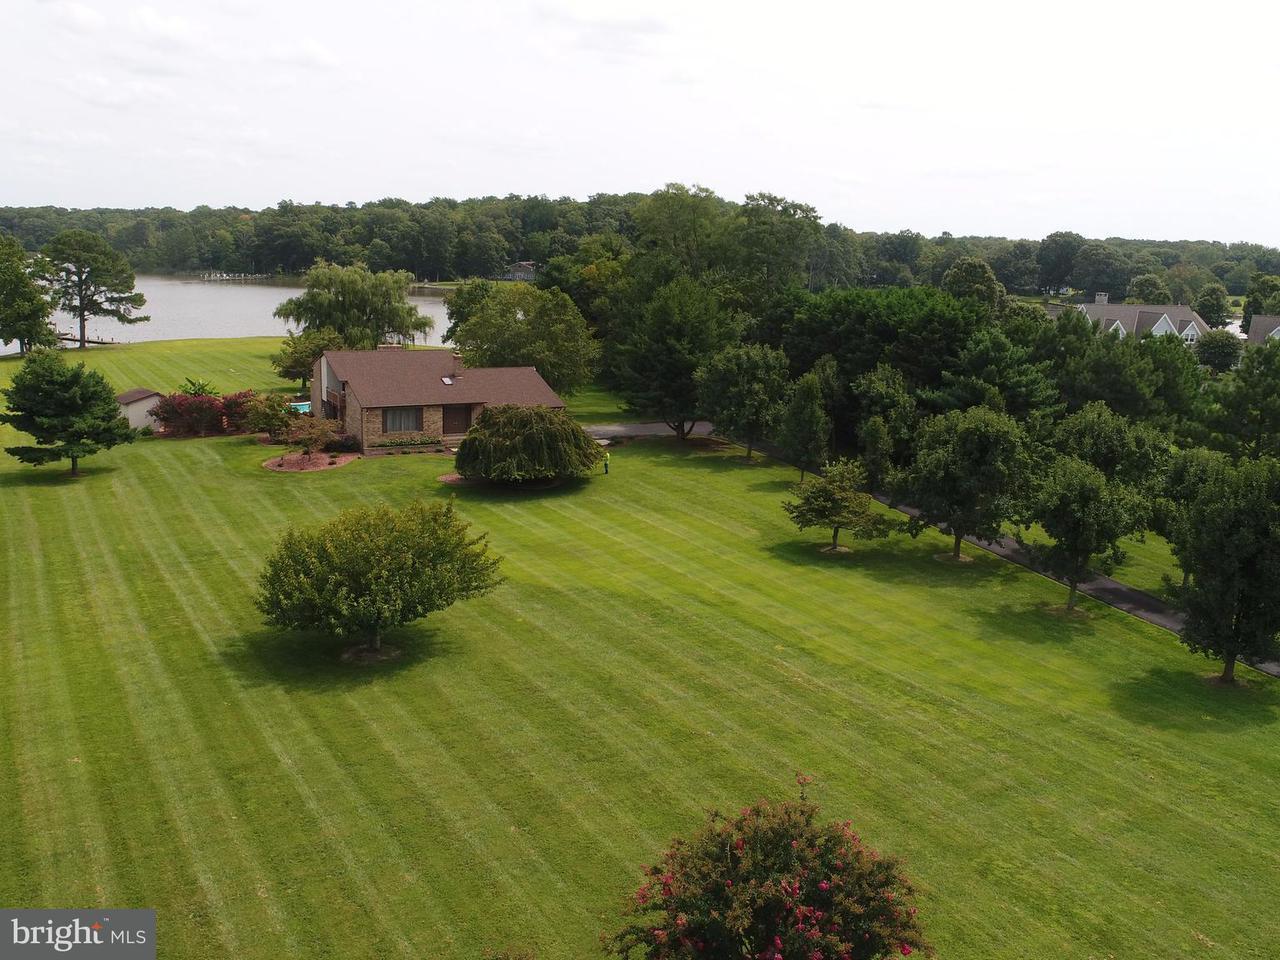 Частный односемейный дом для того Продажа на 609 PROSPECT BAY DR E 609 PROSPECT BAY DR E Grasonville, Мэриленд 21638 Соединенные Штаты